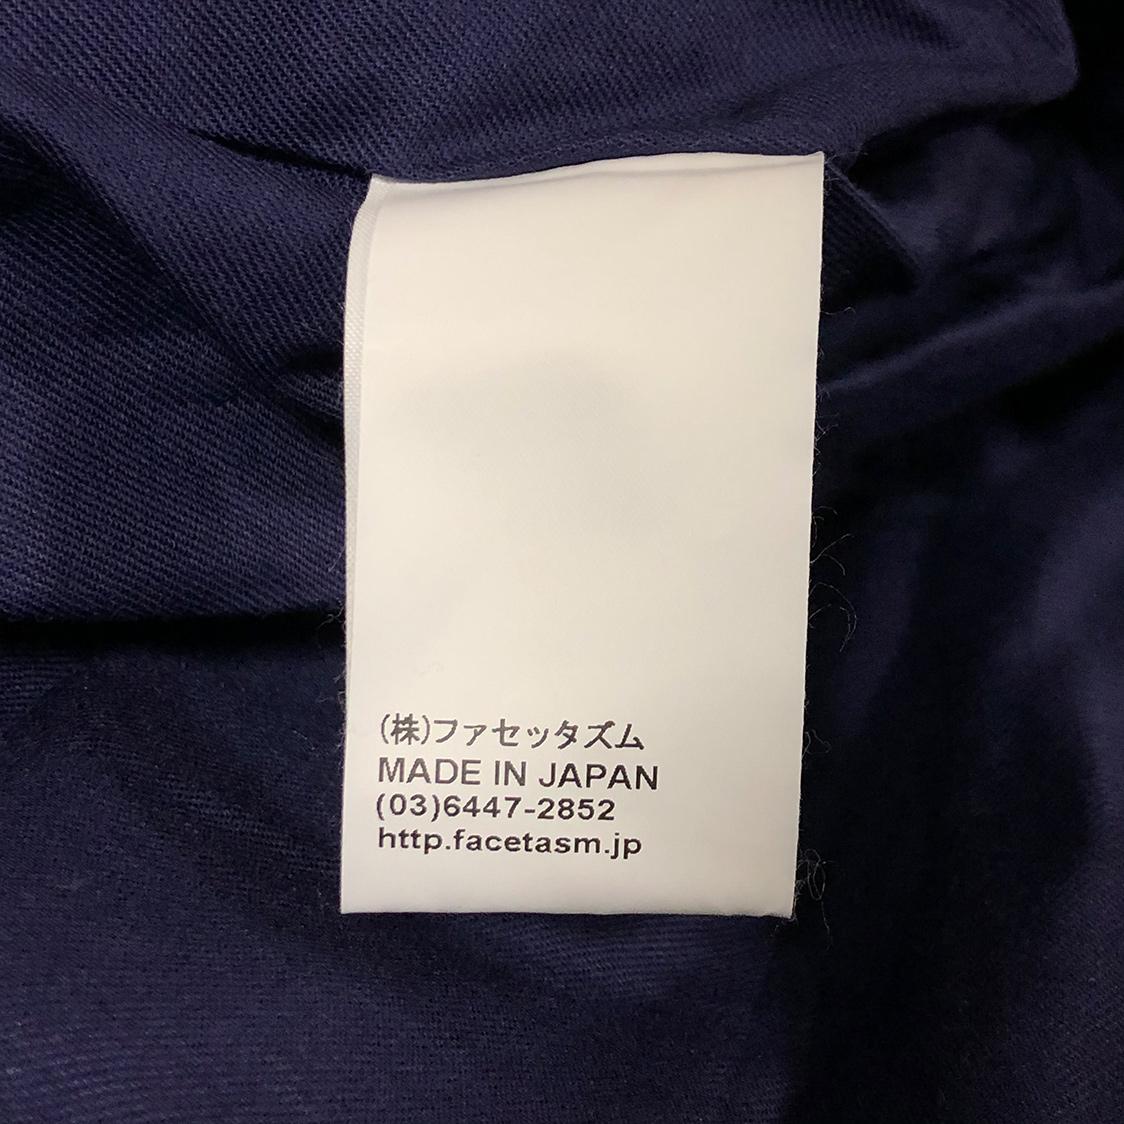 新品 希少 FACETASM ファセッタズム【サイズ3】イーグル 刺繍 コーチジャケット ビッグシルエット ワイドシルエット ネイビー